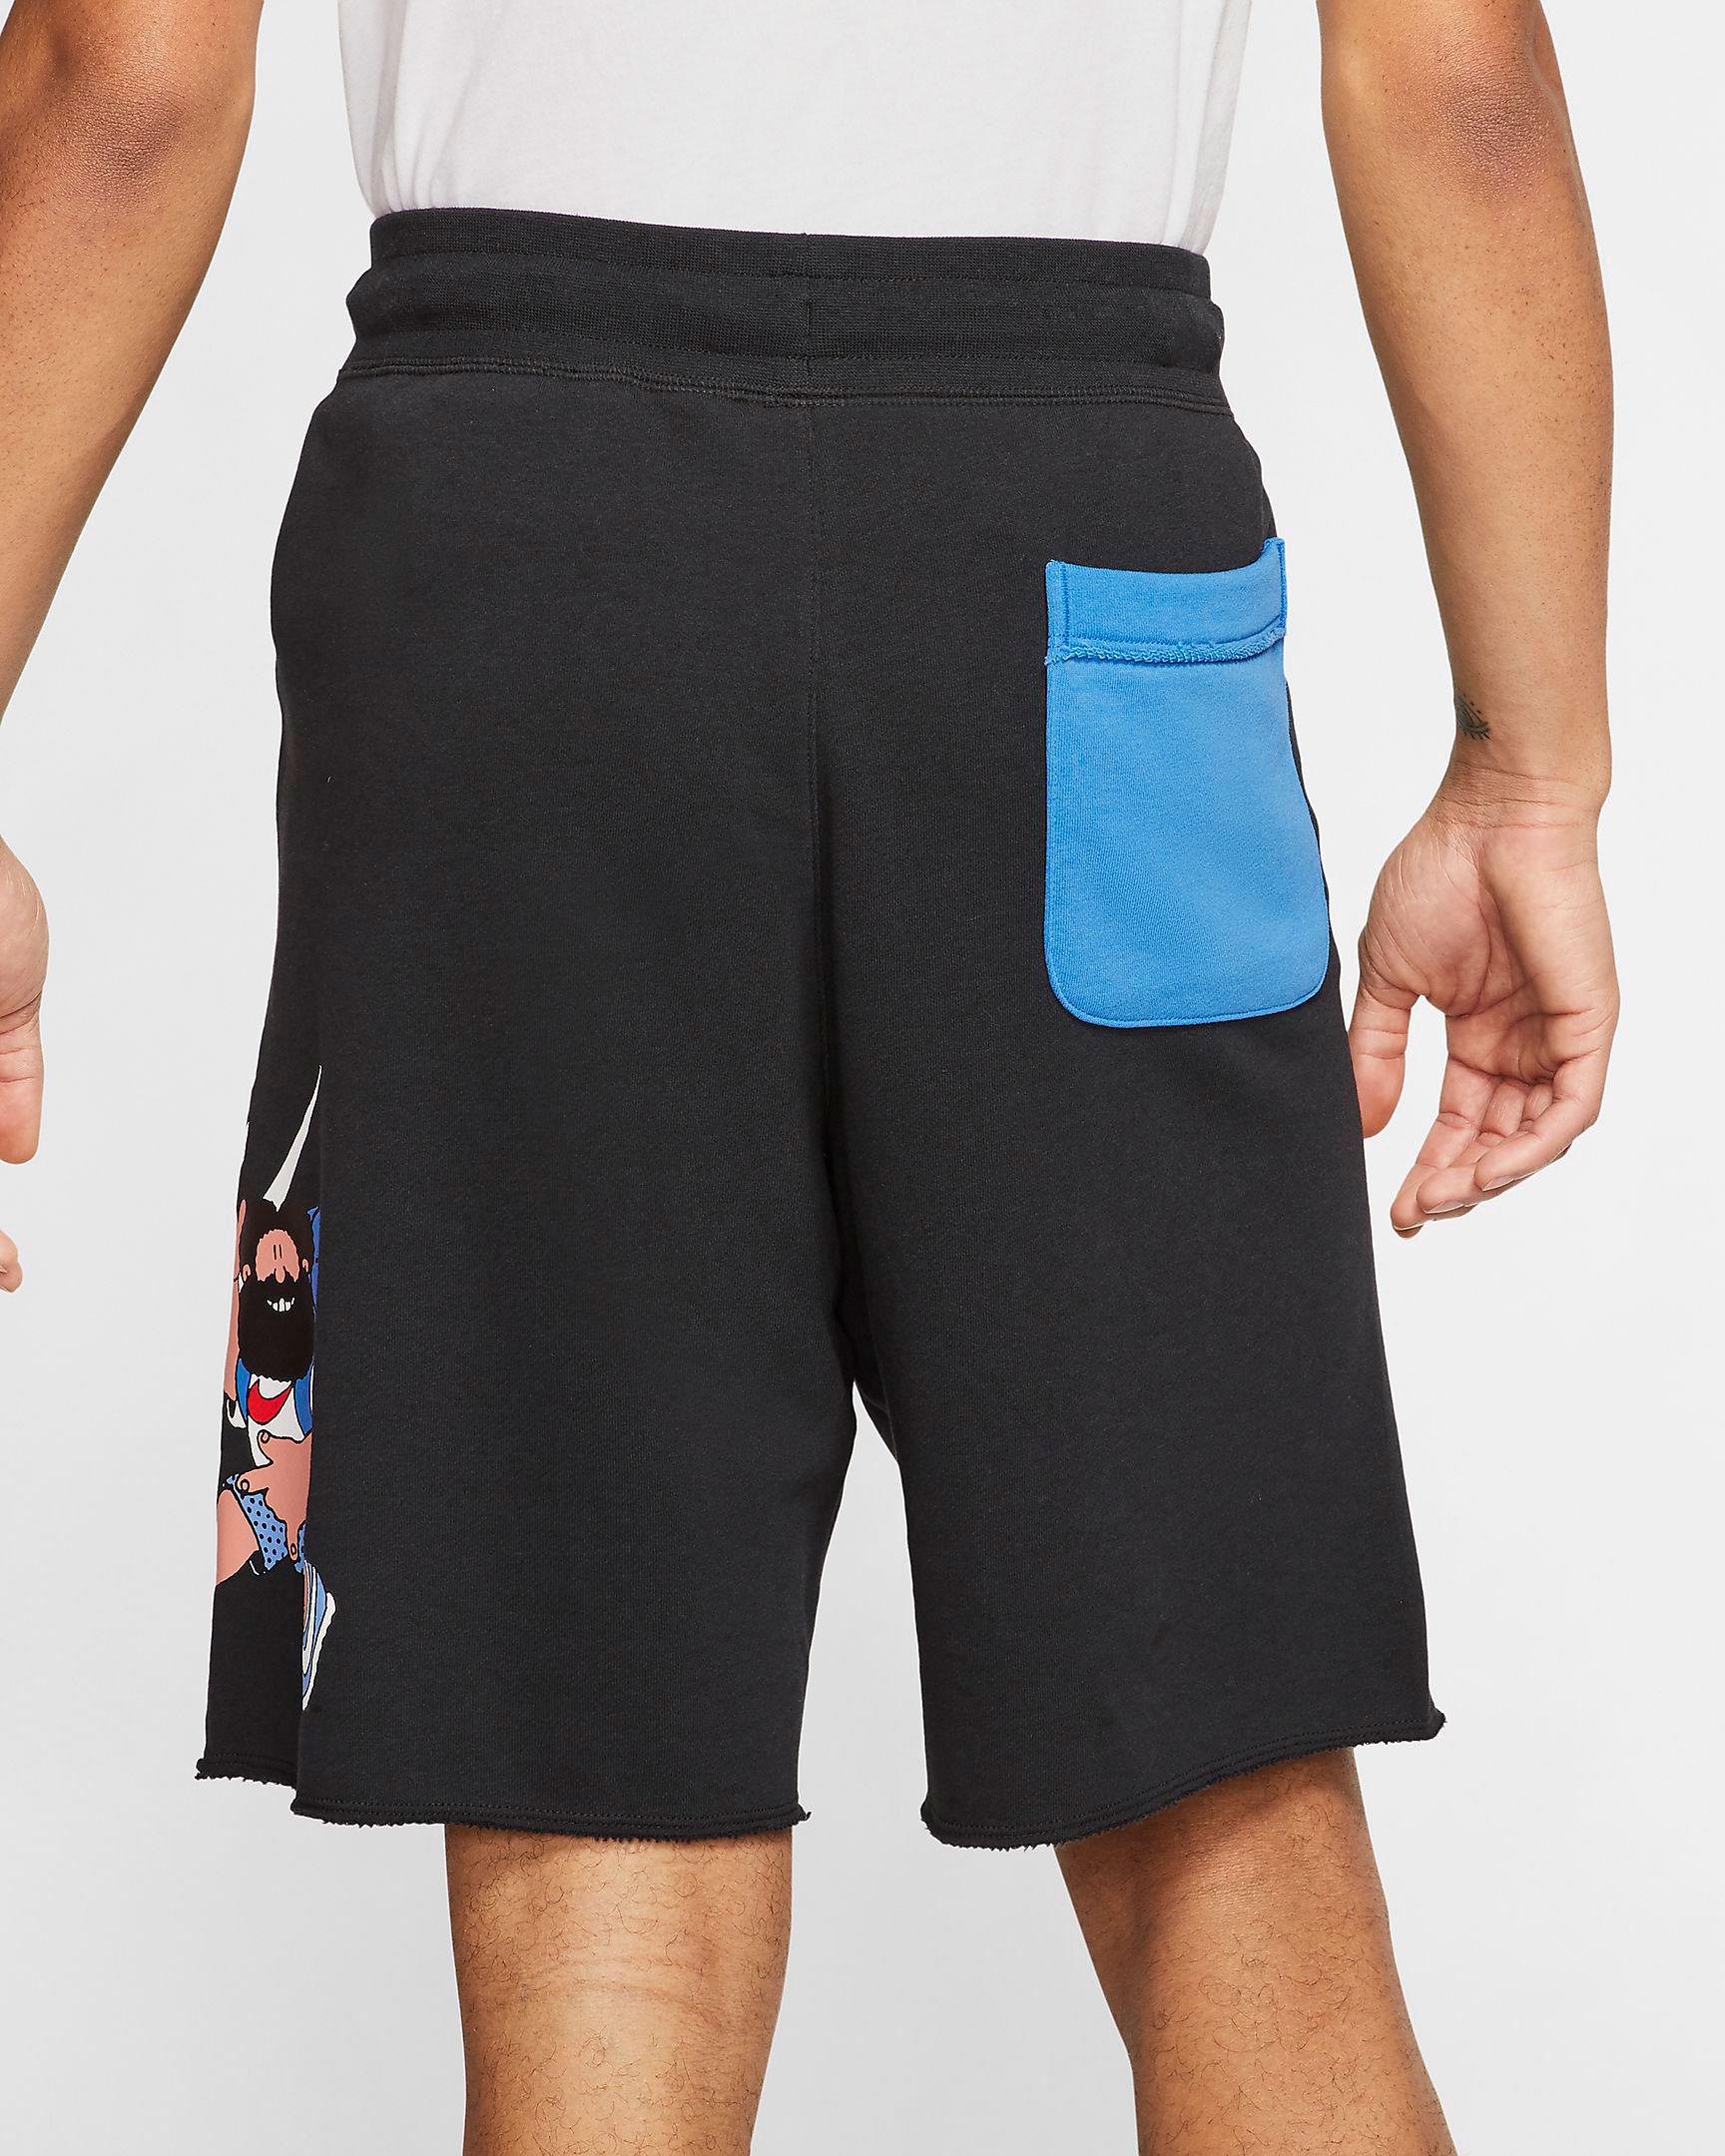 nike-hike-man-shorts-black-2